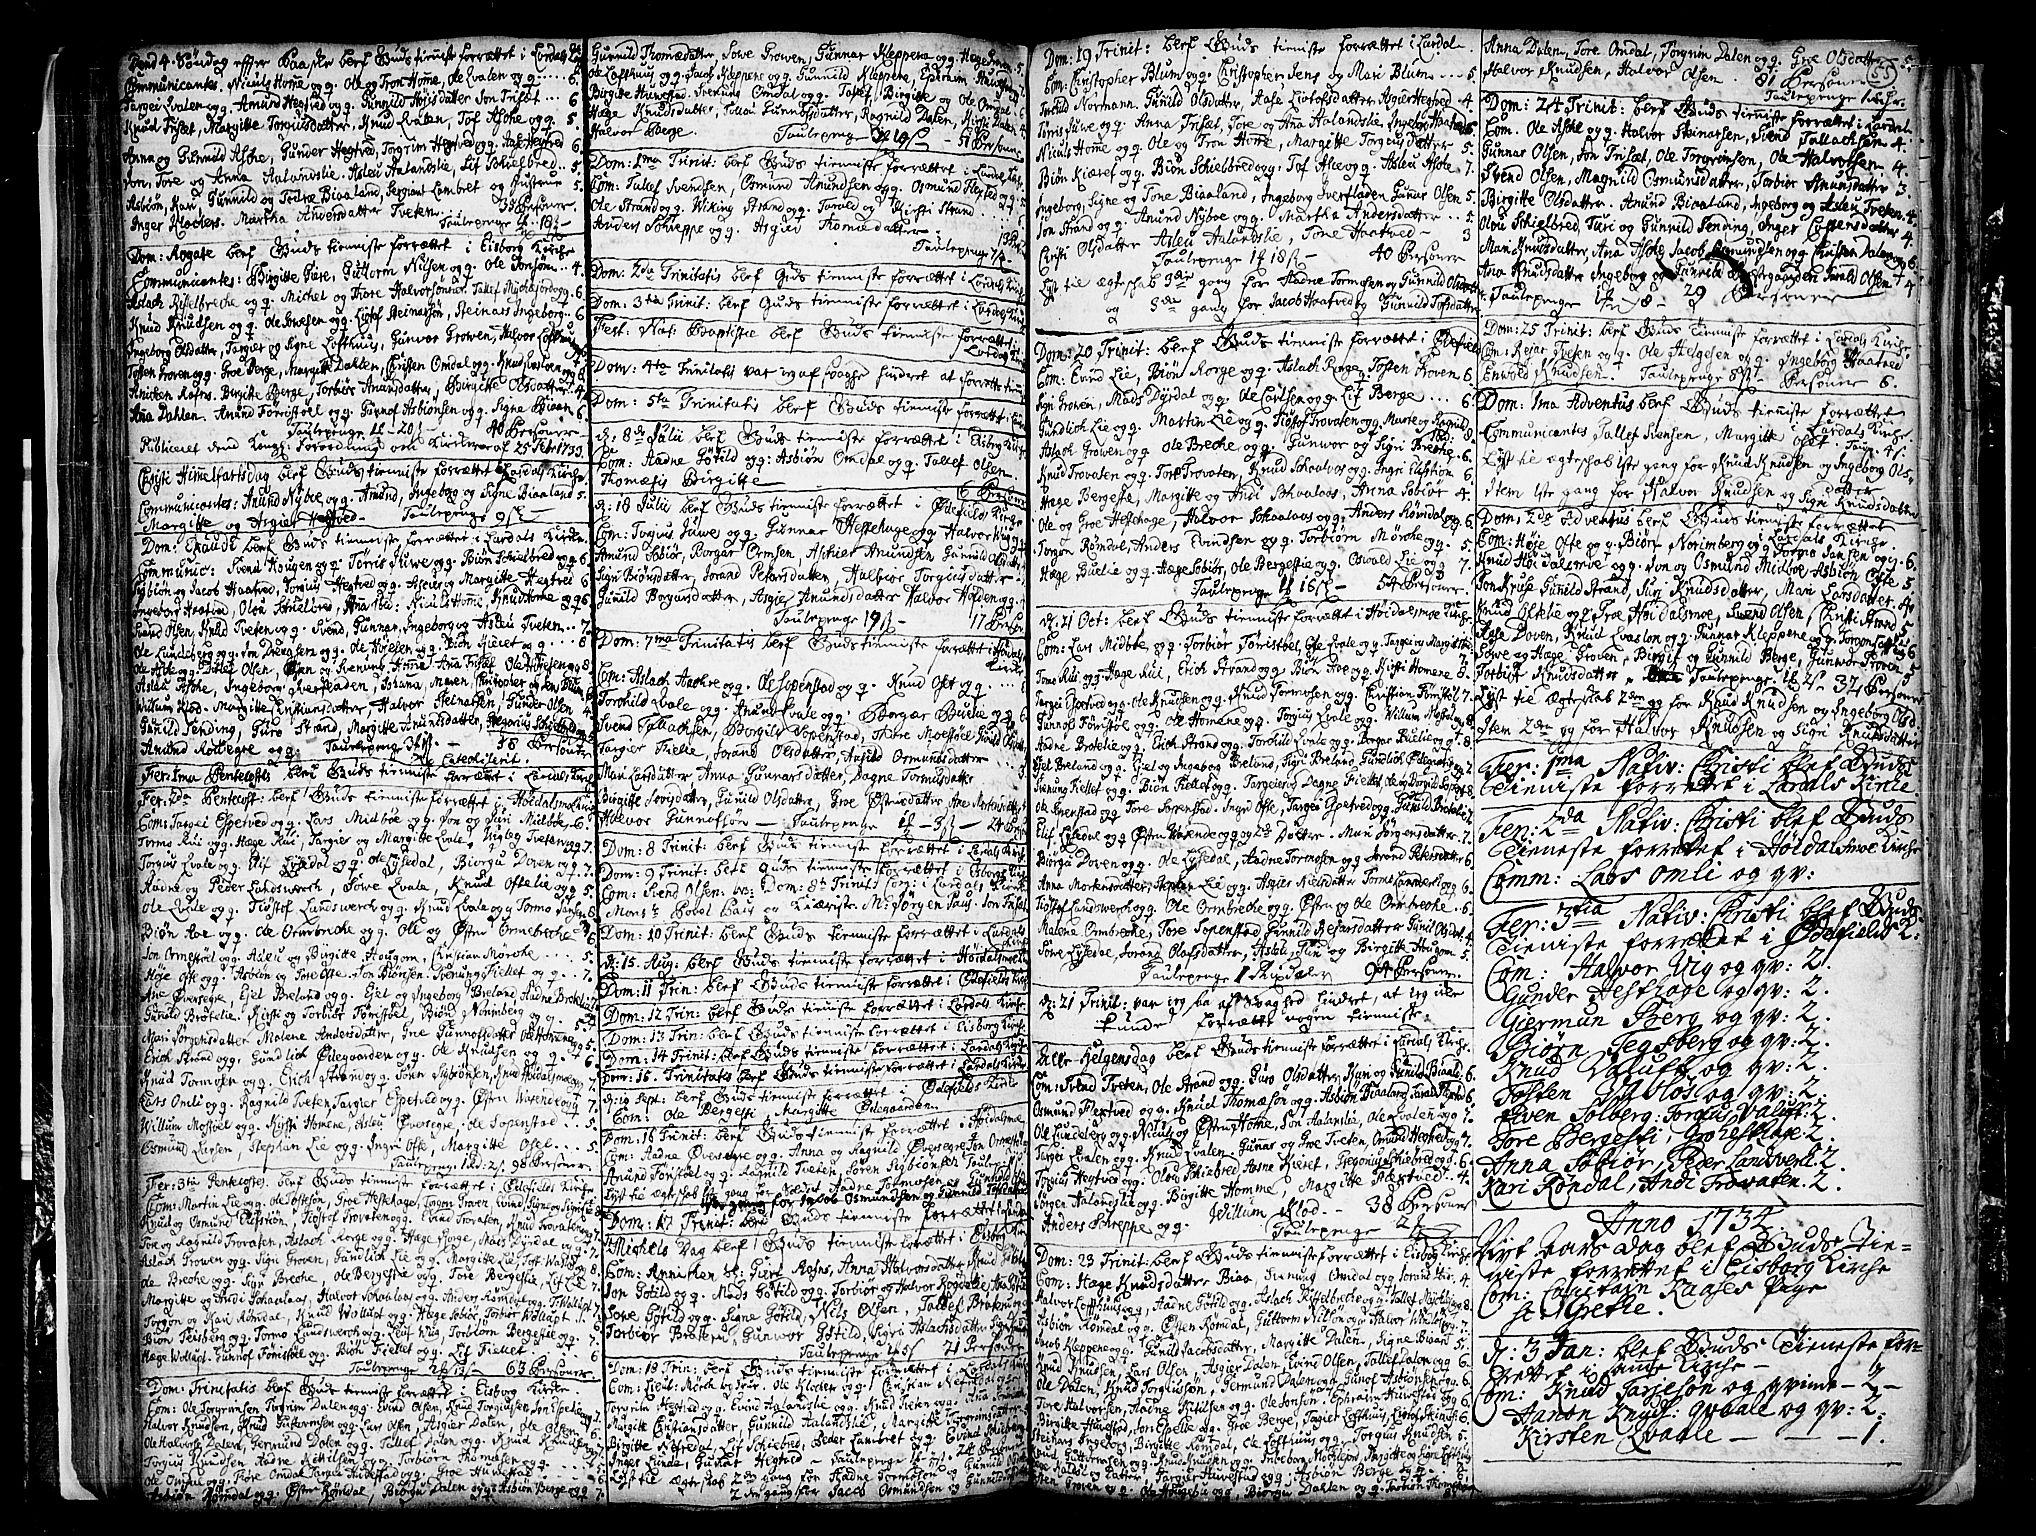 SAKO, Lårdal kirkebøker, F/Fa/L0001: Ministerialbok nr. I 1, 1721-1734, s. 55